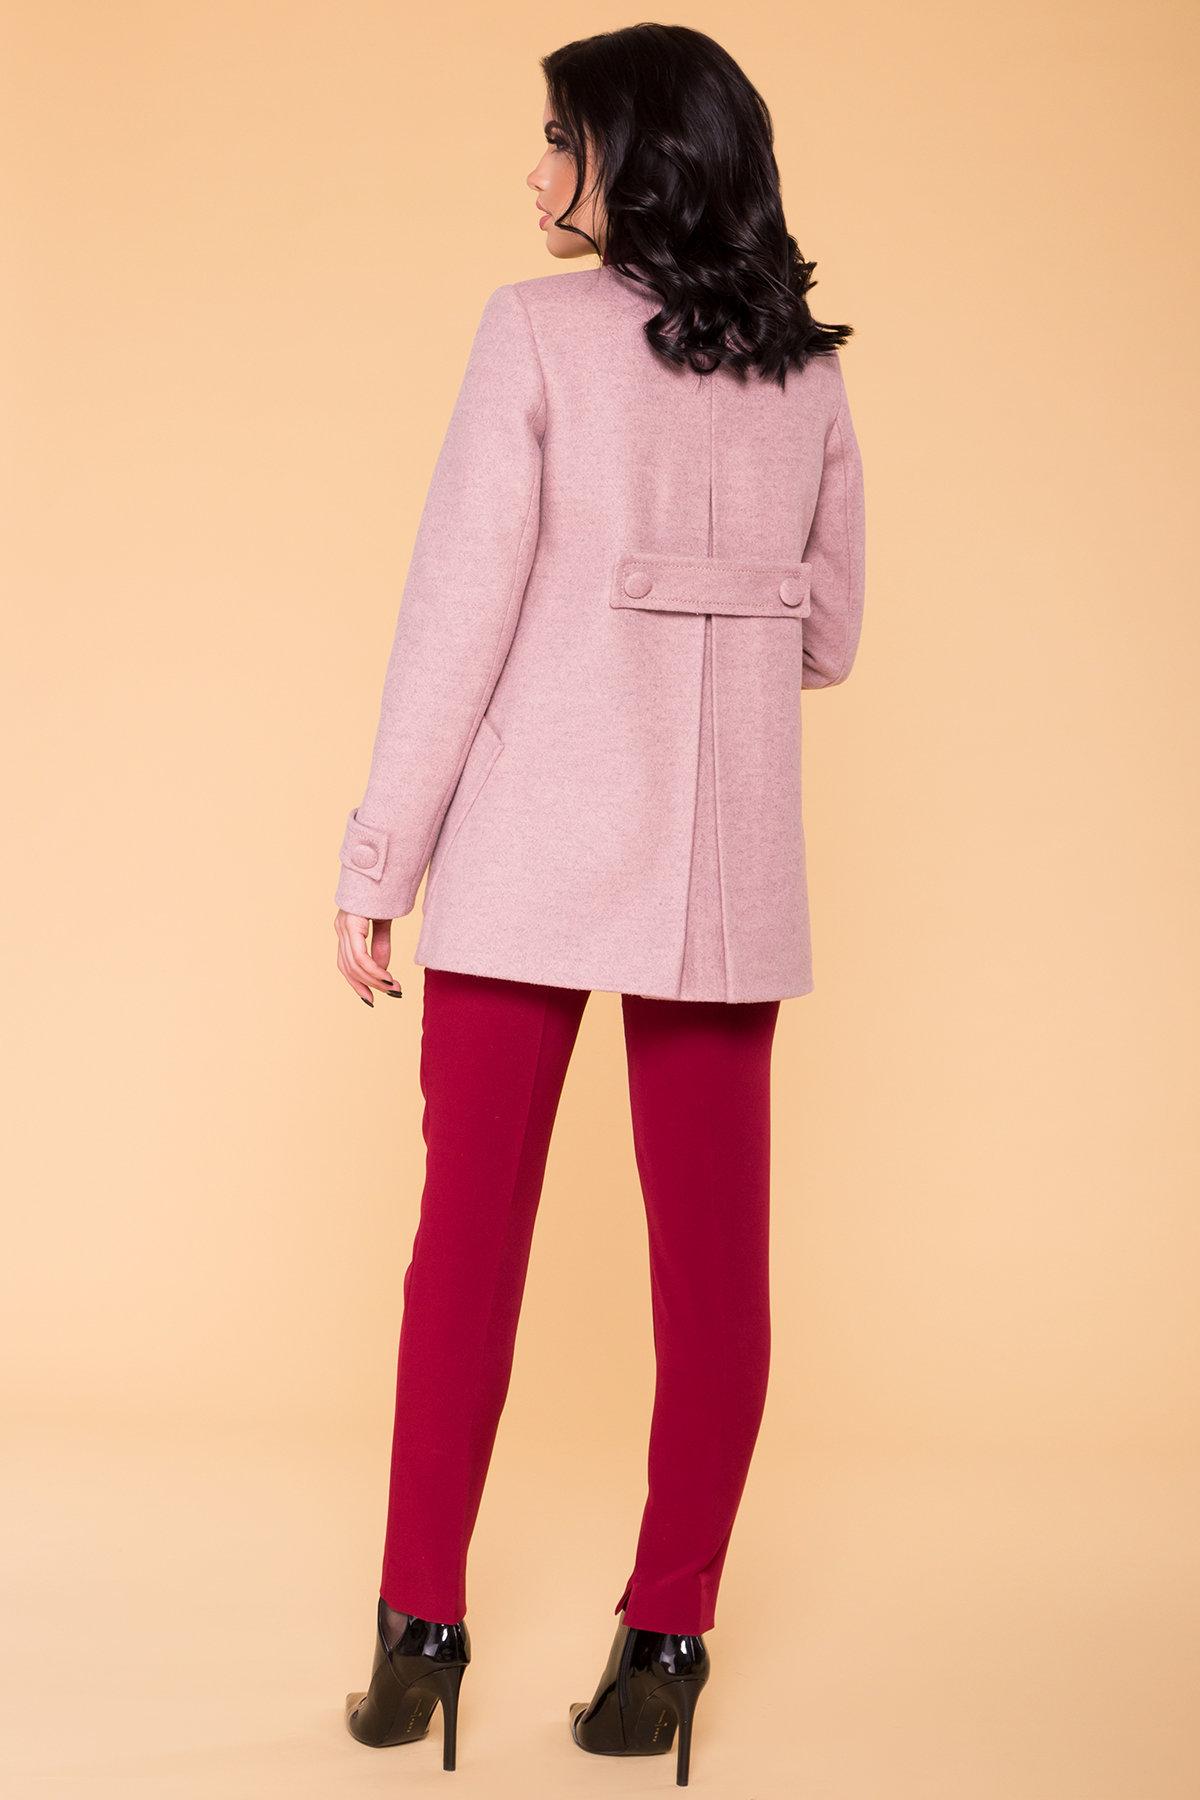 Пальто Латте 5637 АРТ. 41008 Цвет: Серо-розовый 7 - фото 2, интернет магазин tm-modus.ru